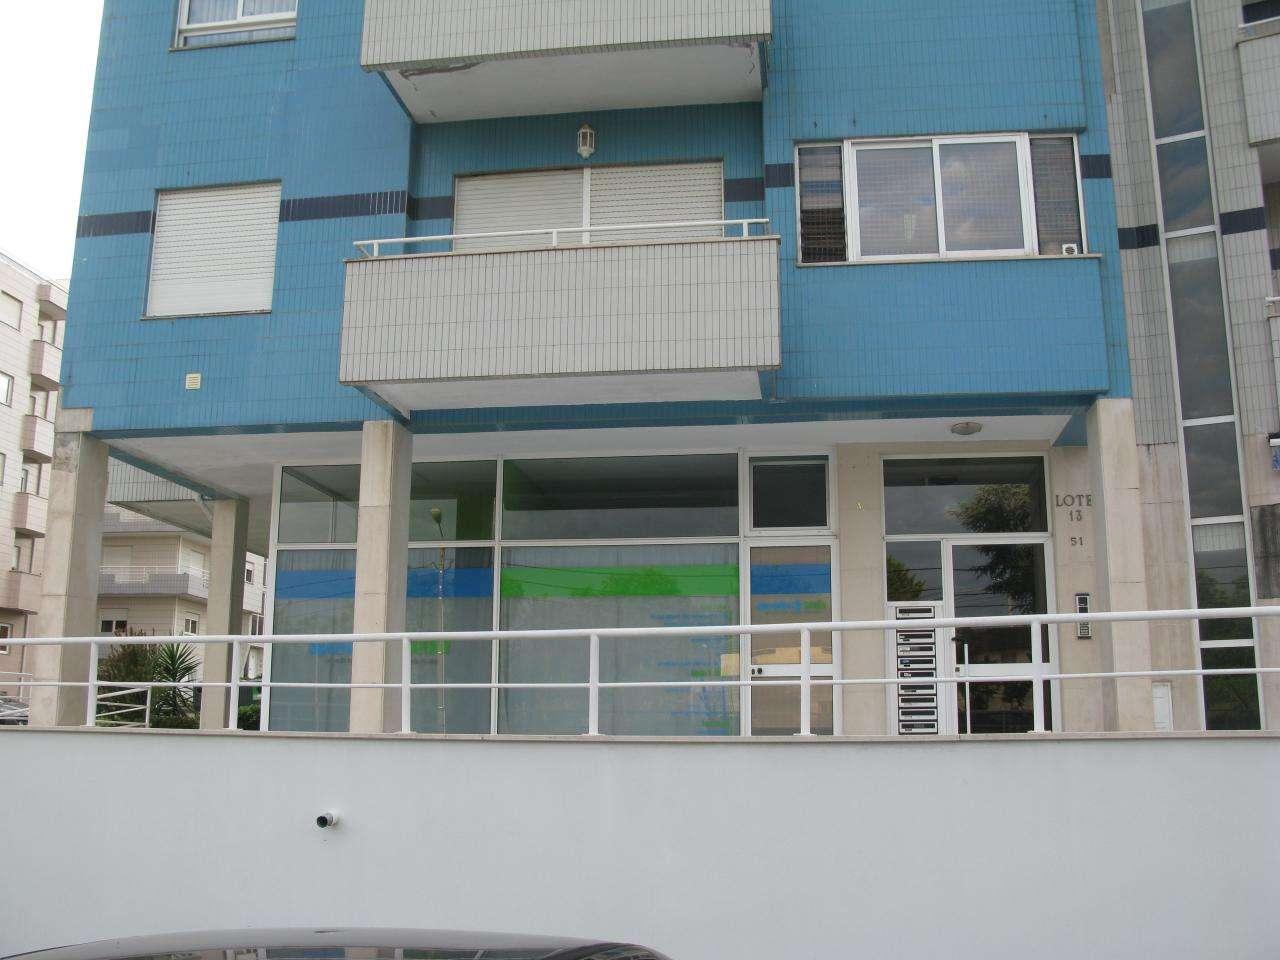 Apartamento para comprar, Milheirós de Poiares, Aveiro - Foto 1